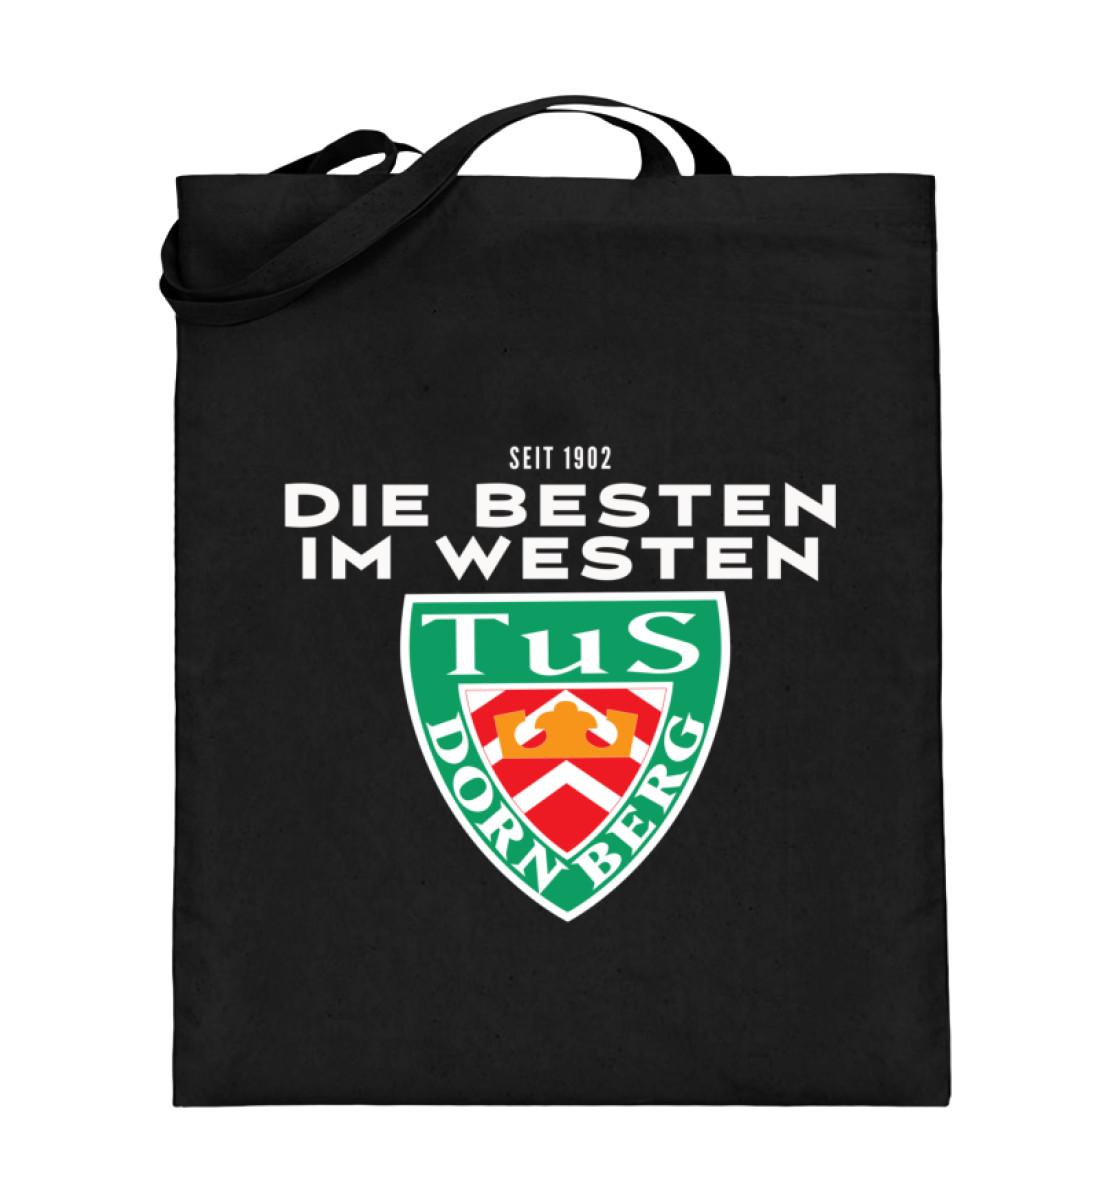 Die Besten im Westen - Jutebeutel (mit langen Henkeln)-16